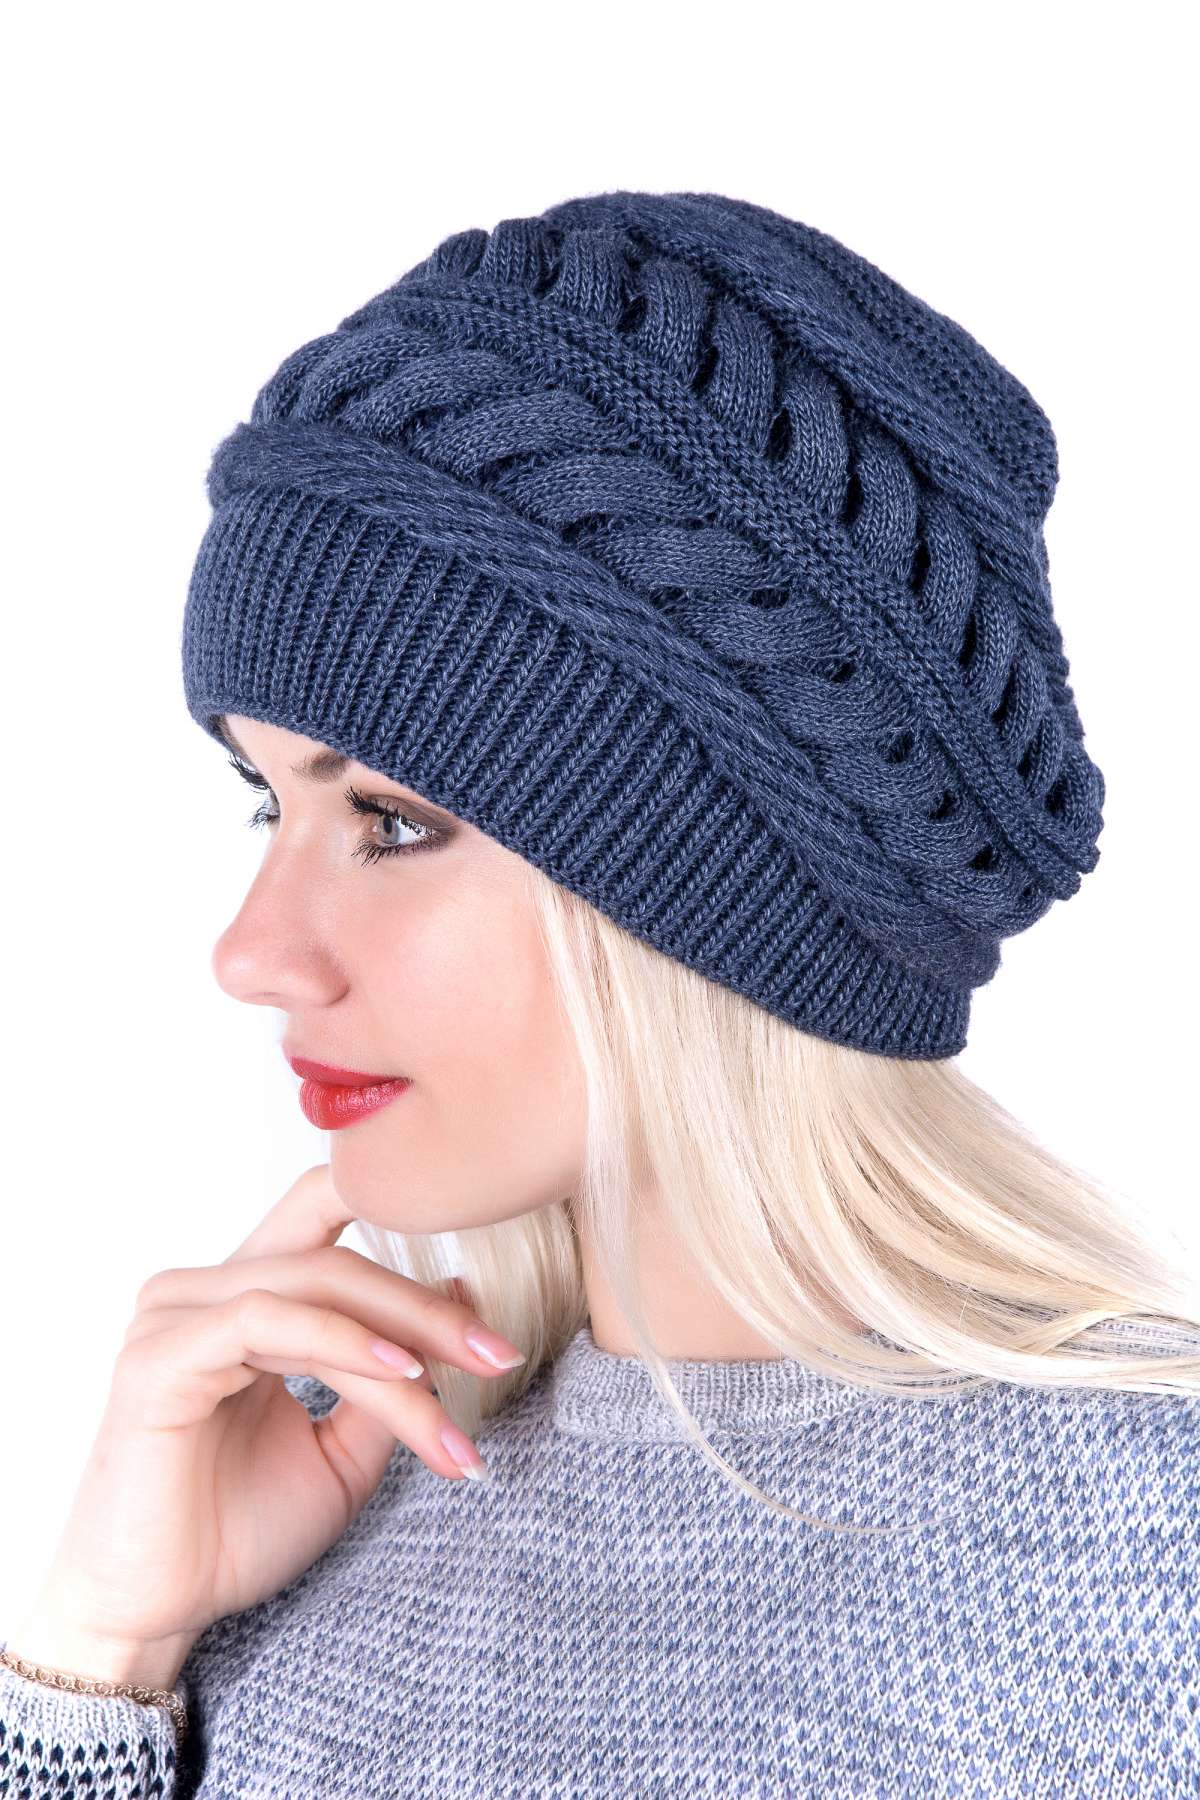 Вязание спицами для женщин модные шапки 2018 года 97